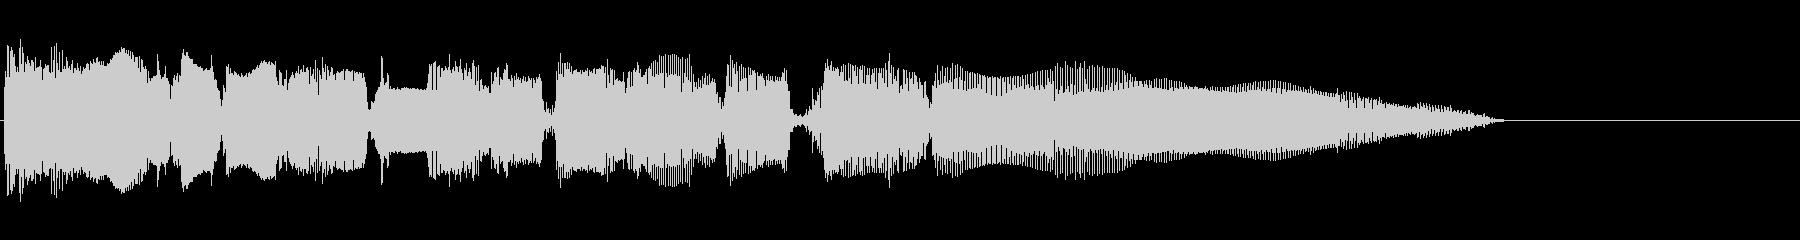 生演奏のエレキギターのリフ。の未再生の波形